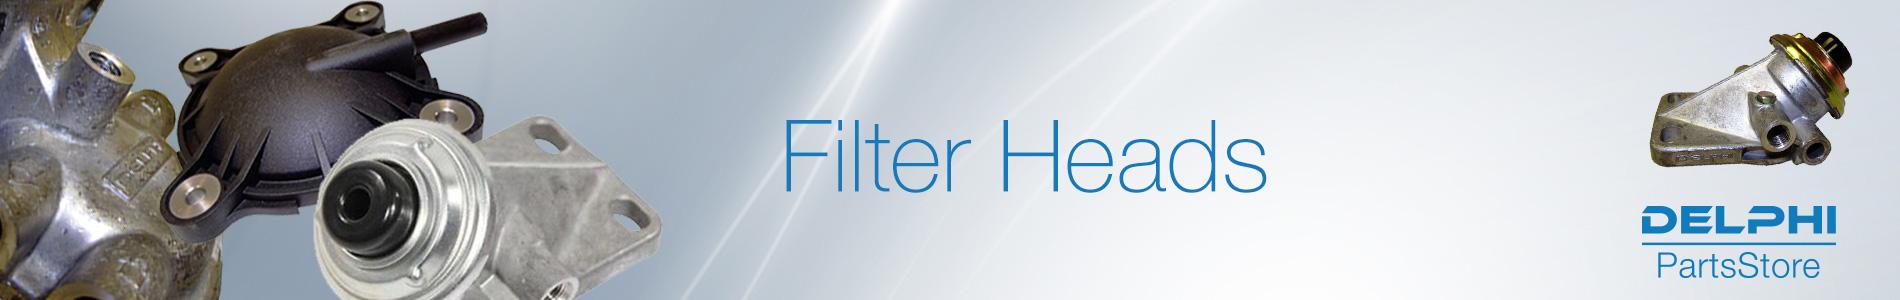 Filter Heads